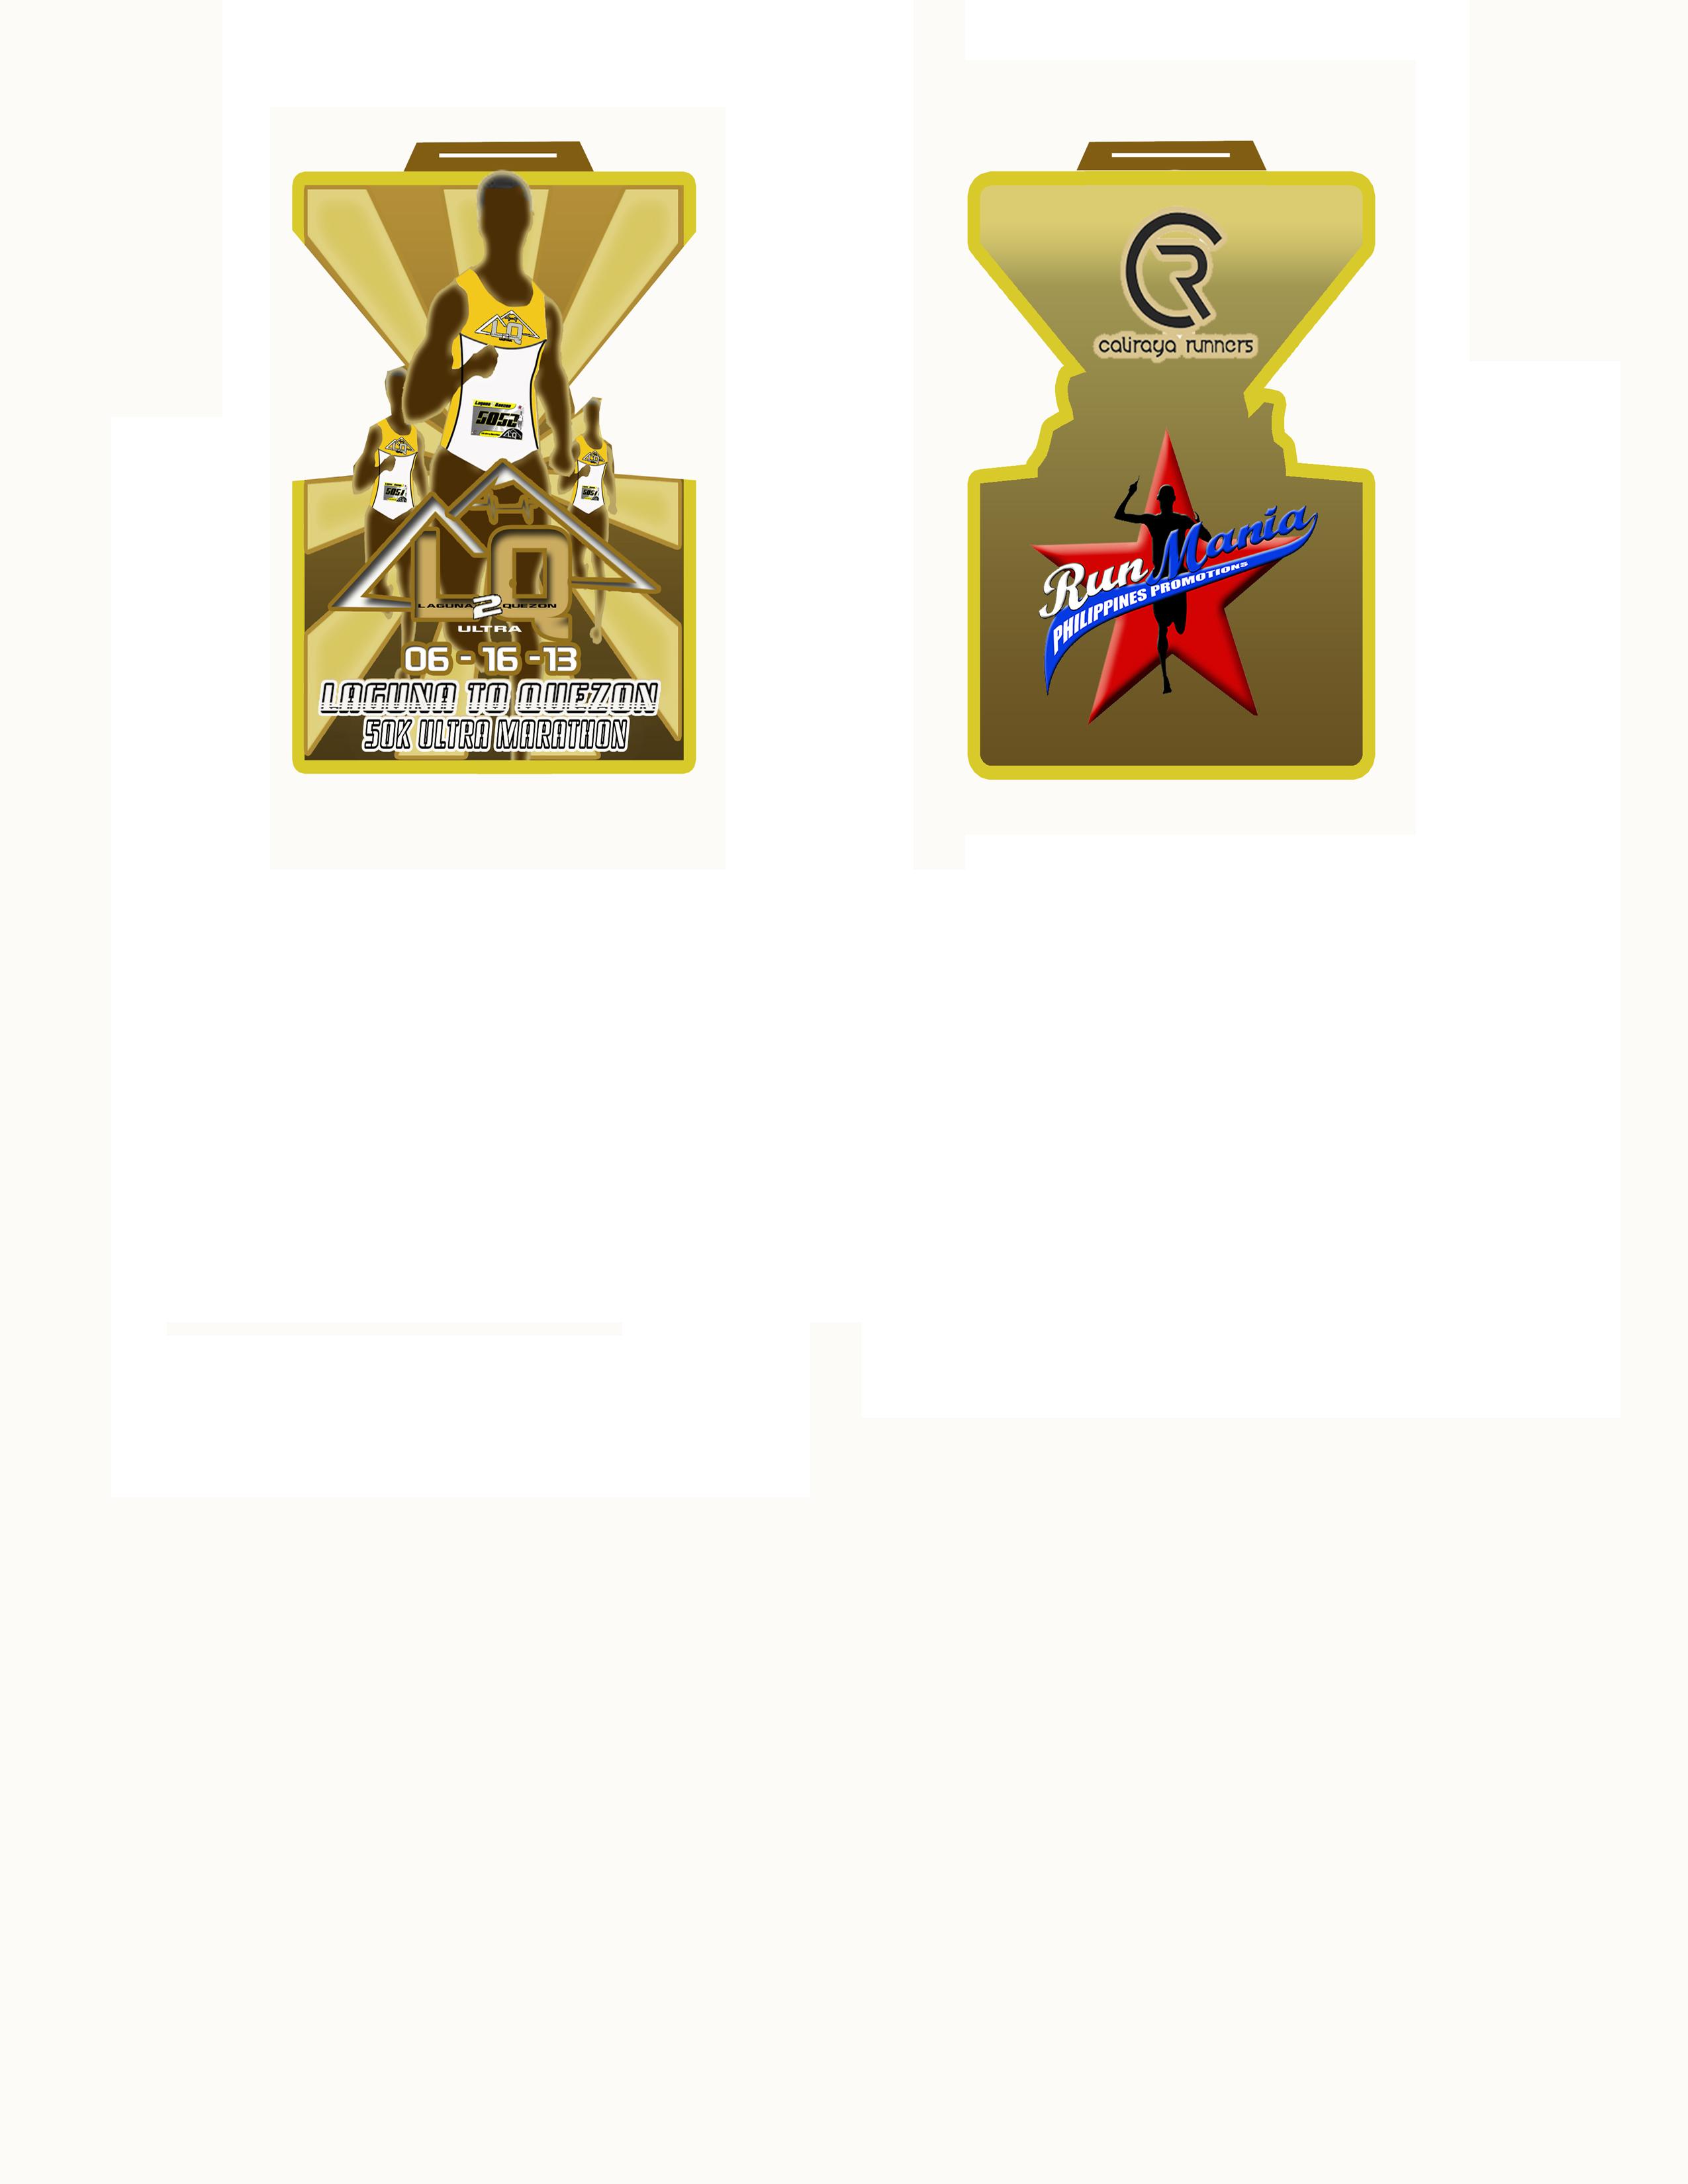 laguna-to-quezon-50k-ultra-marathon-2013-medal-design